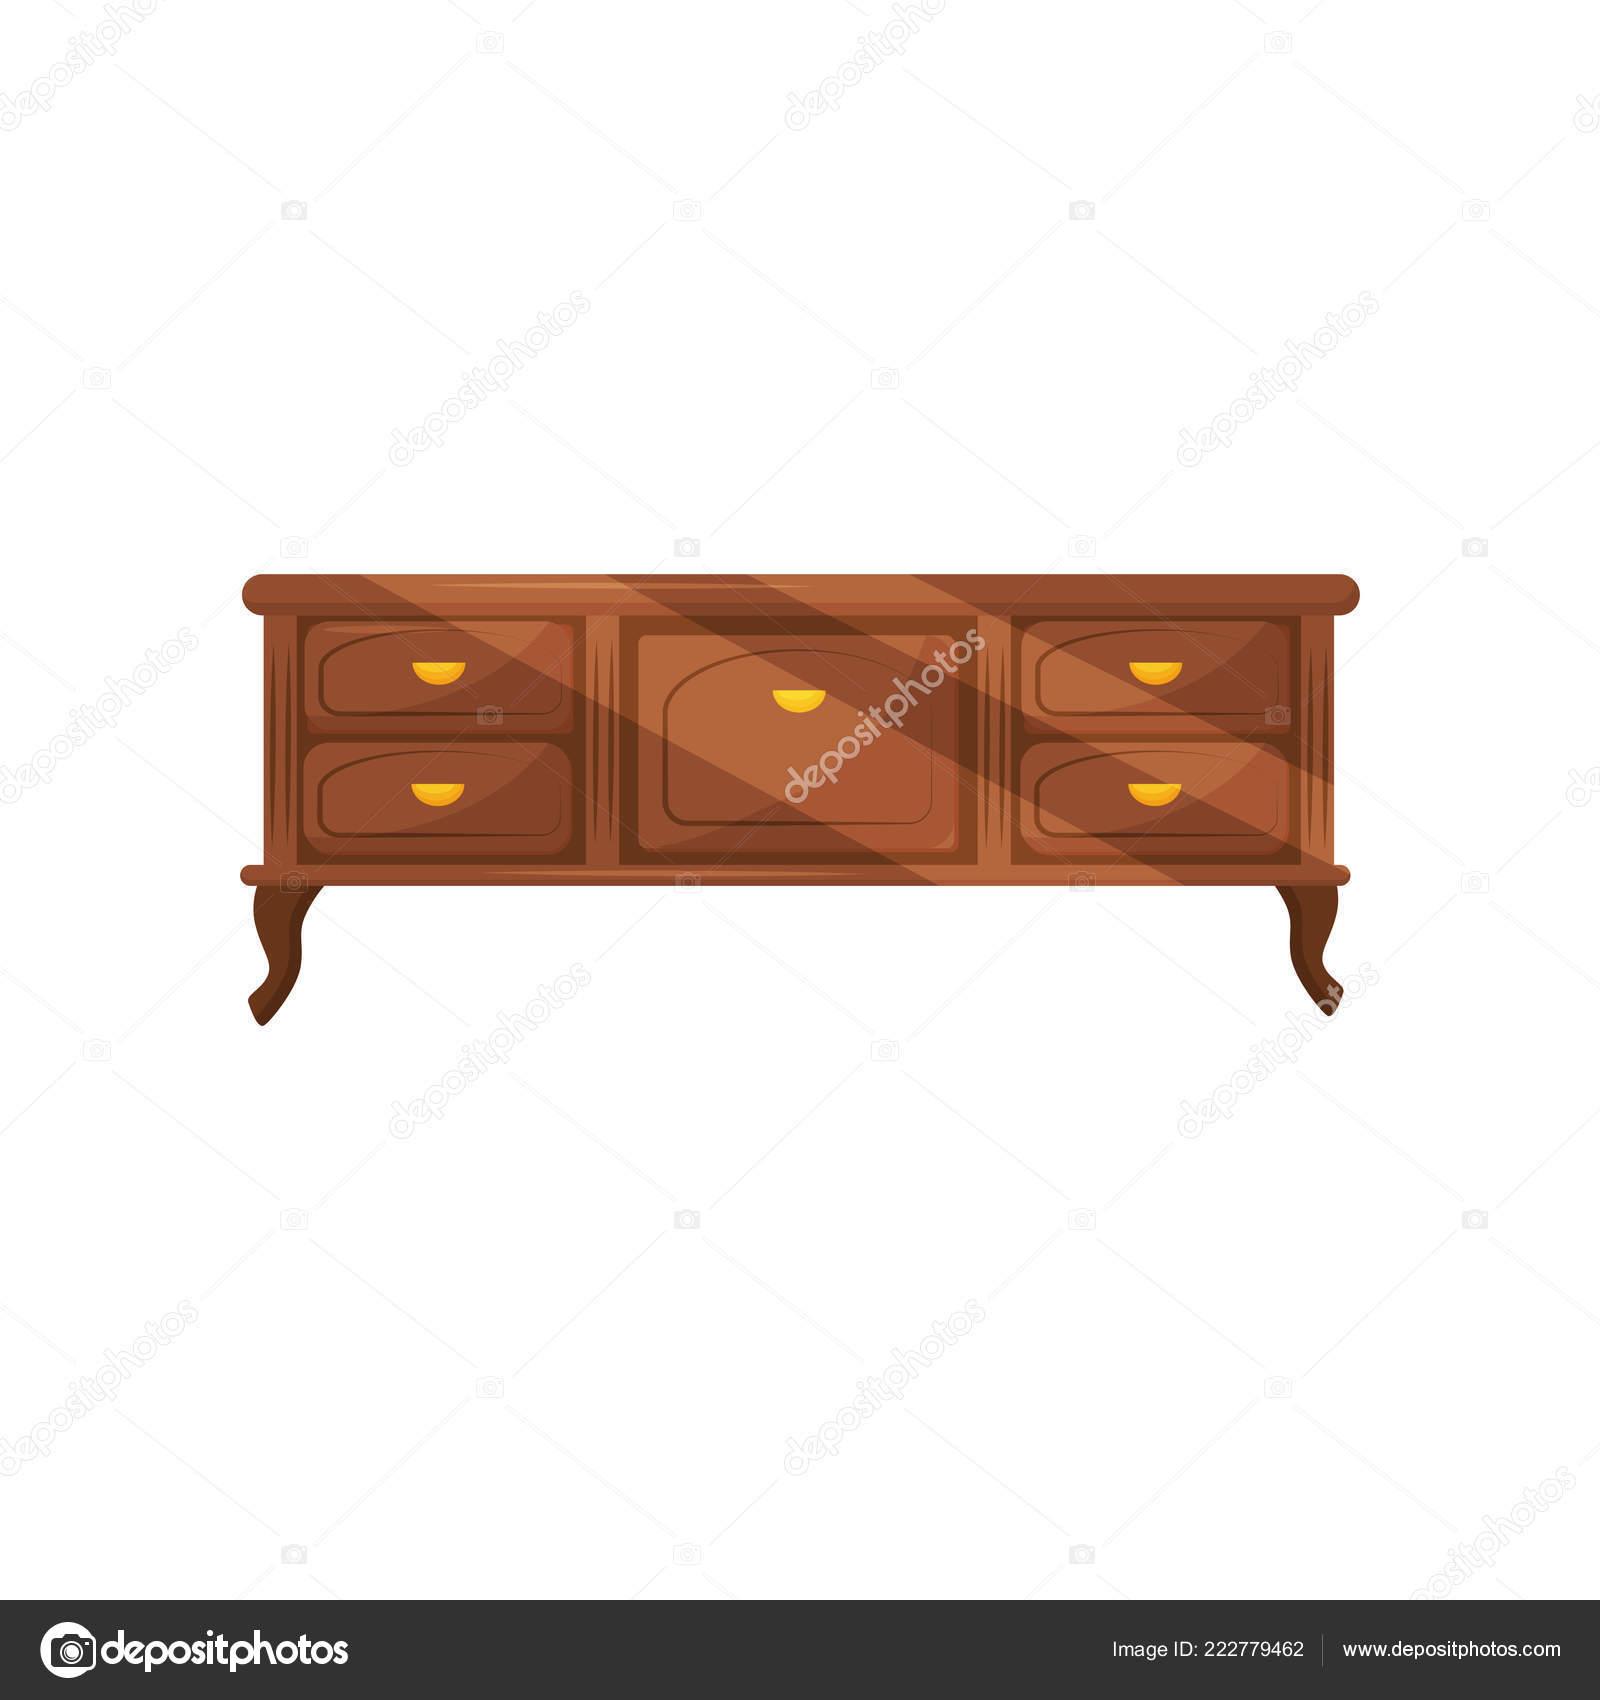 Klassische Kommode Mit Goldenen Griffen Vintage Möbel